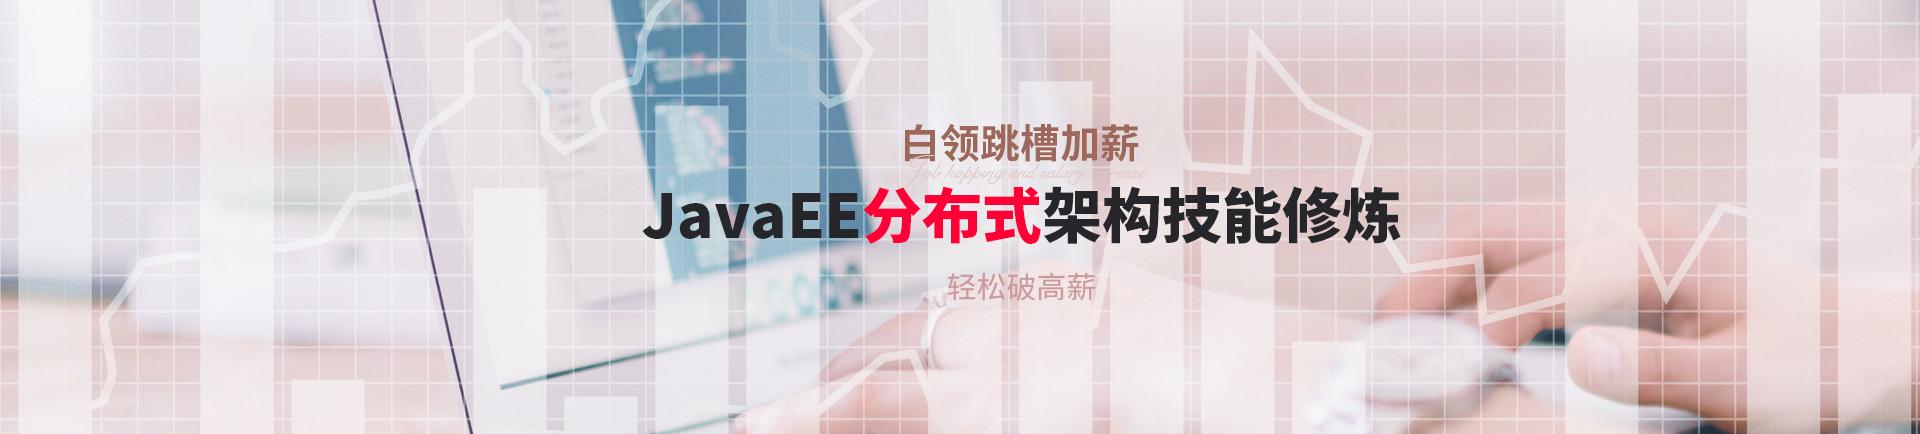 JavaEE分布�架构技能修炼 挑战高薪-beijing